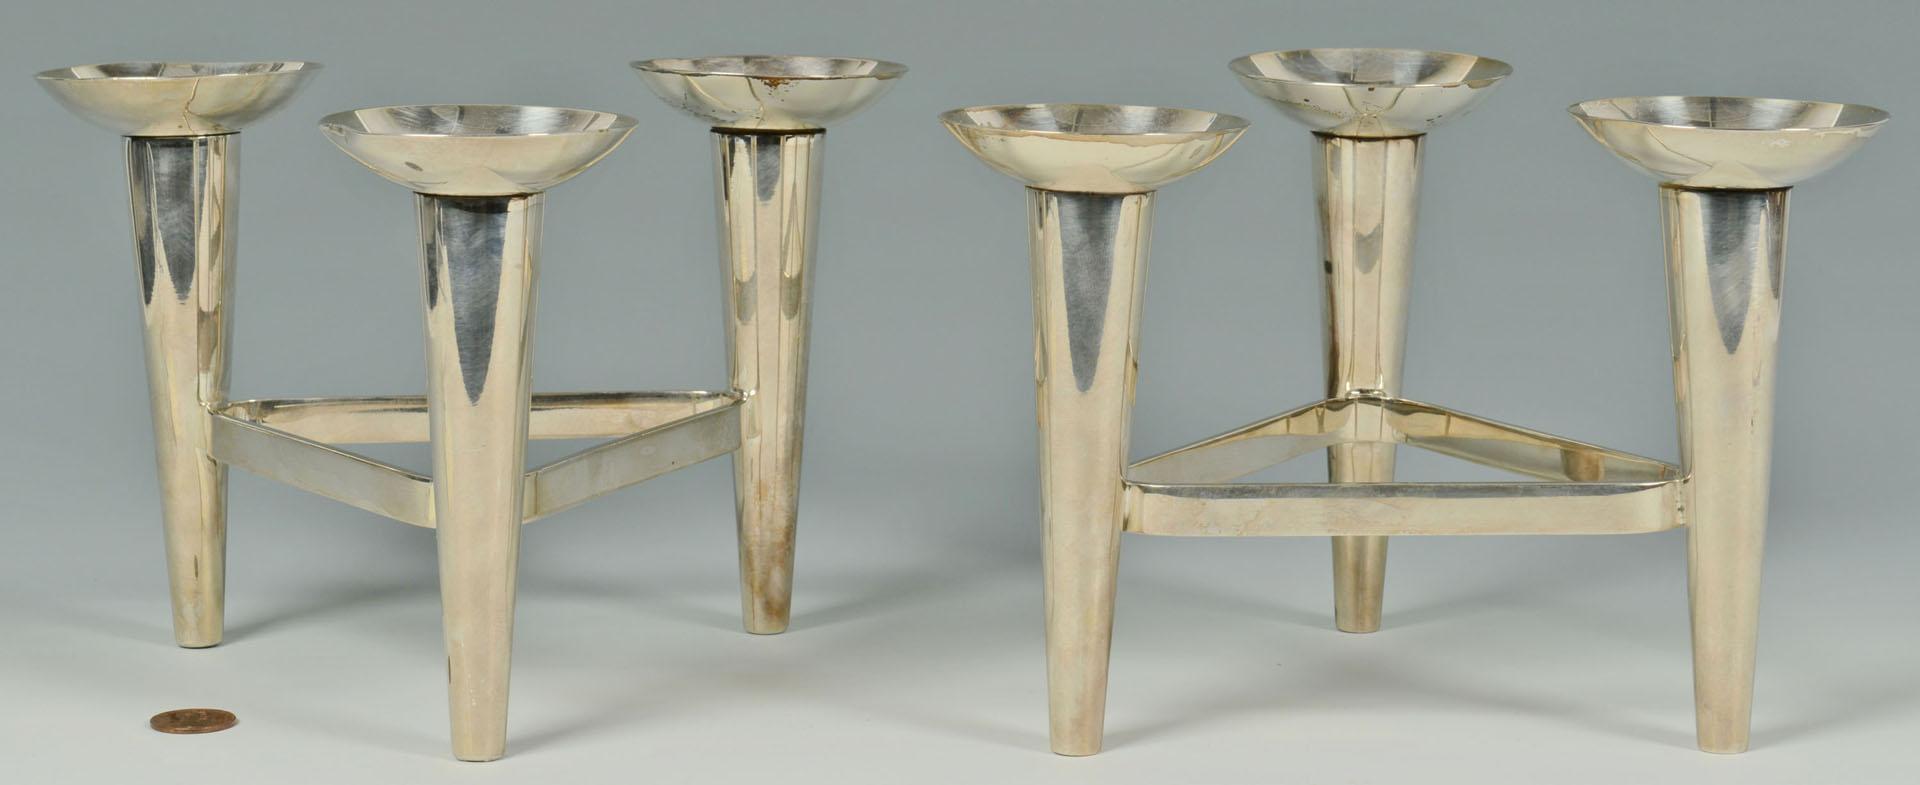 Lot 413: Pair German Bauhaus style Candleabra, WMF